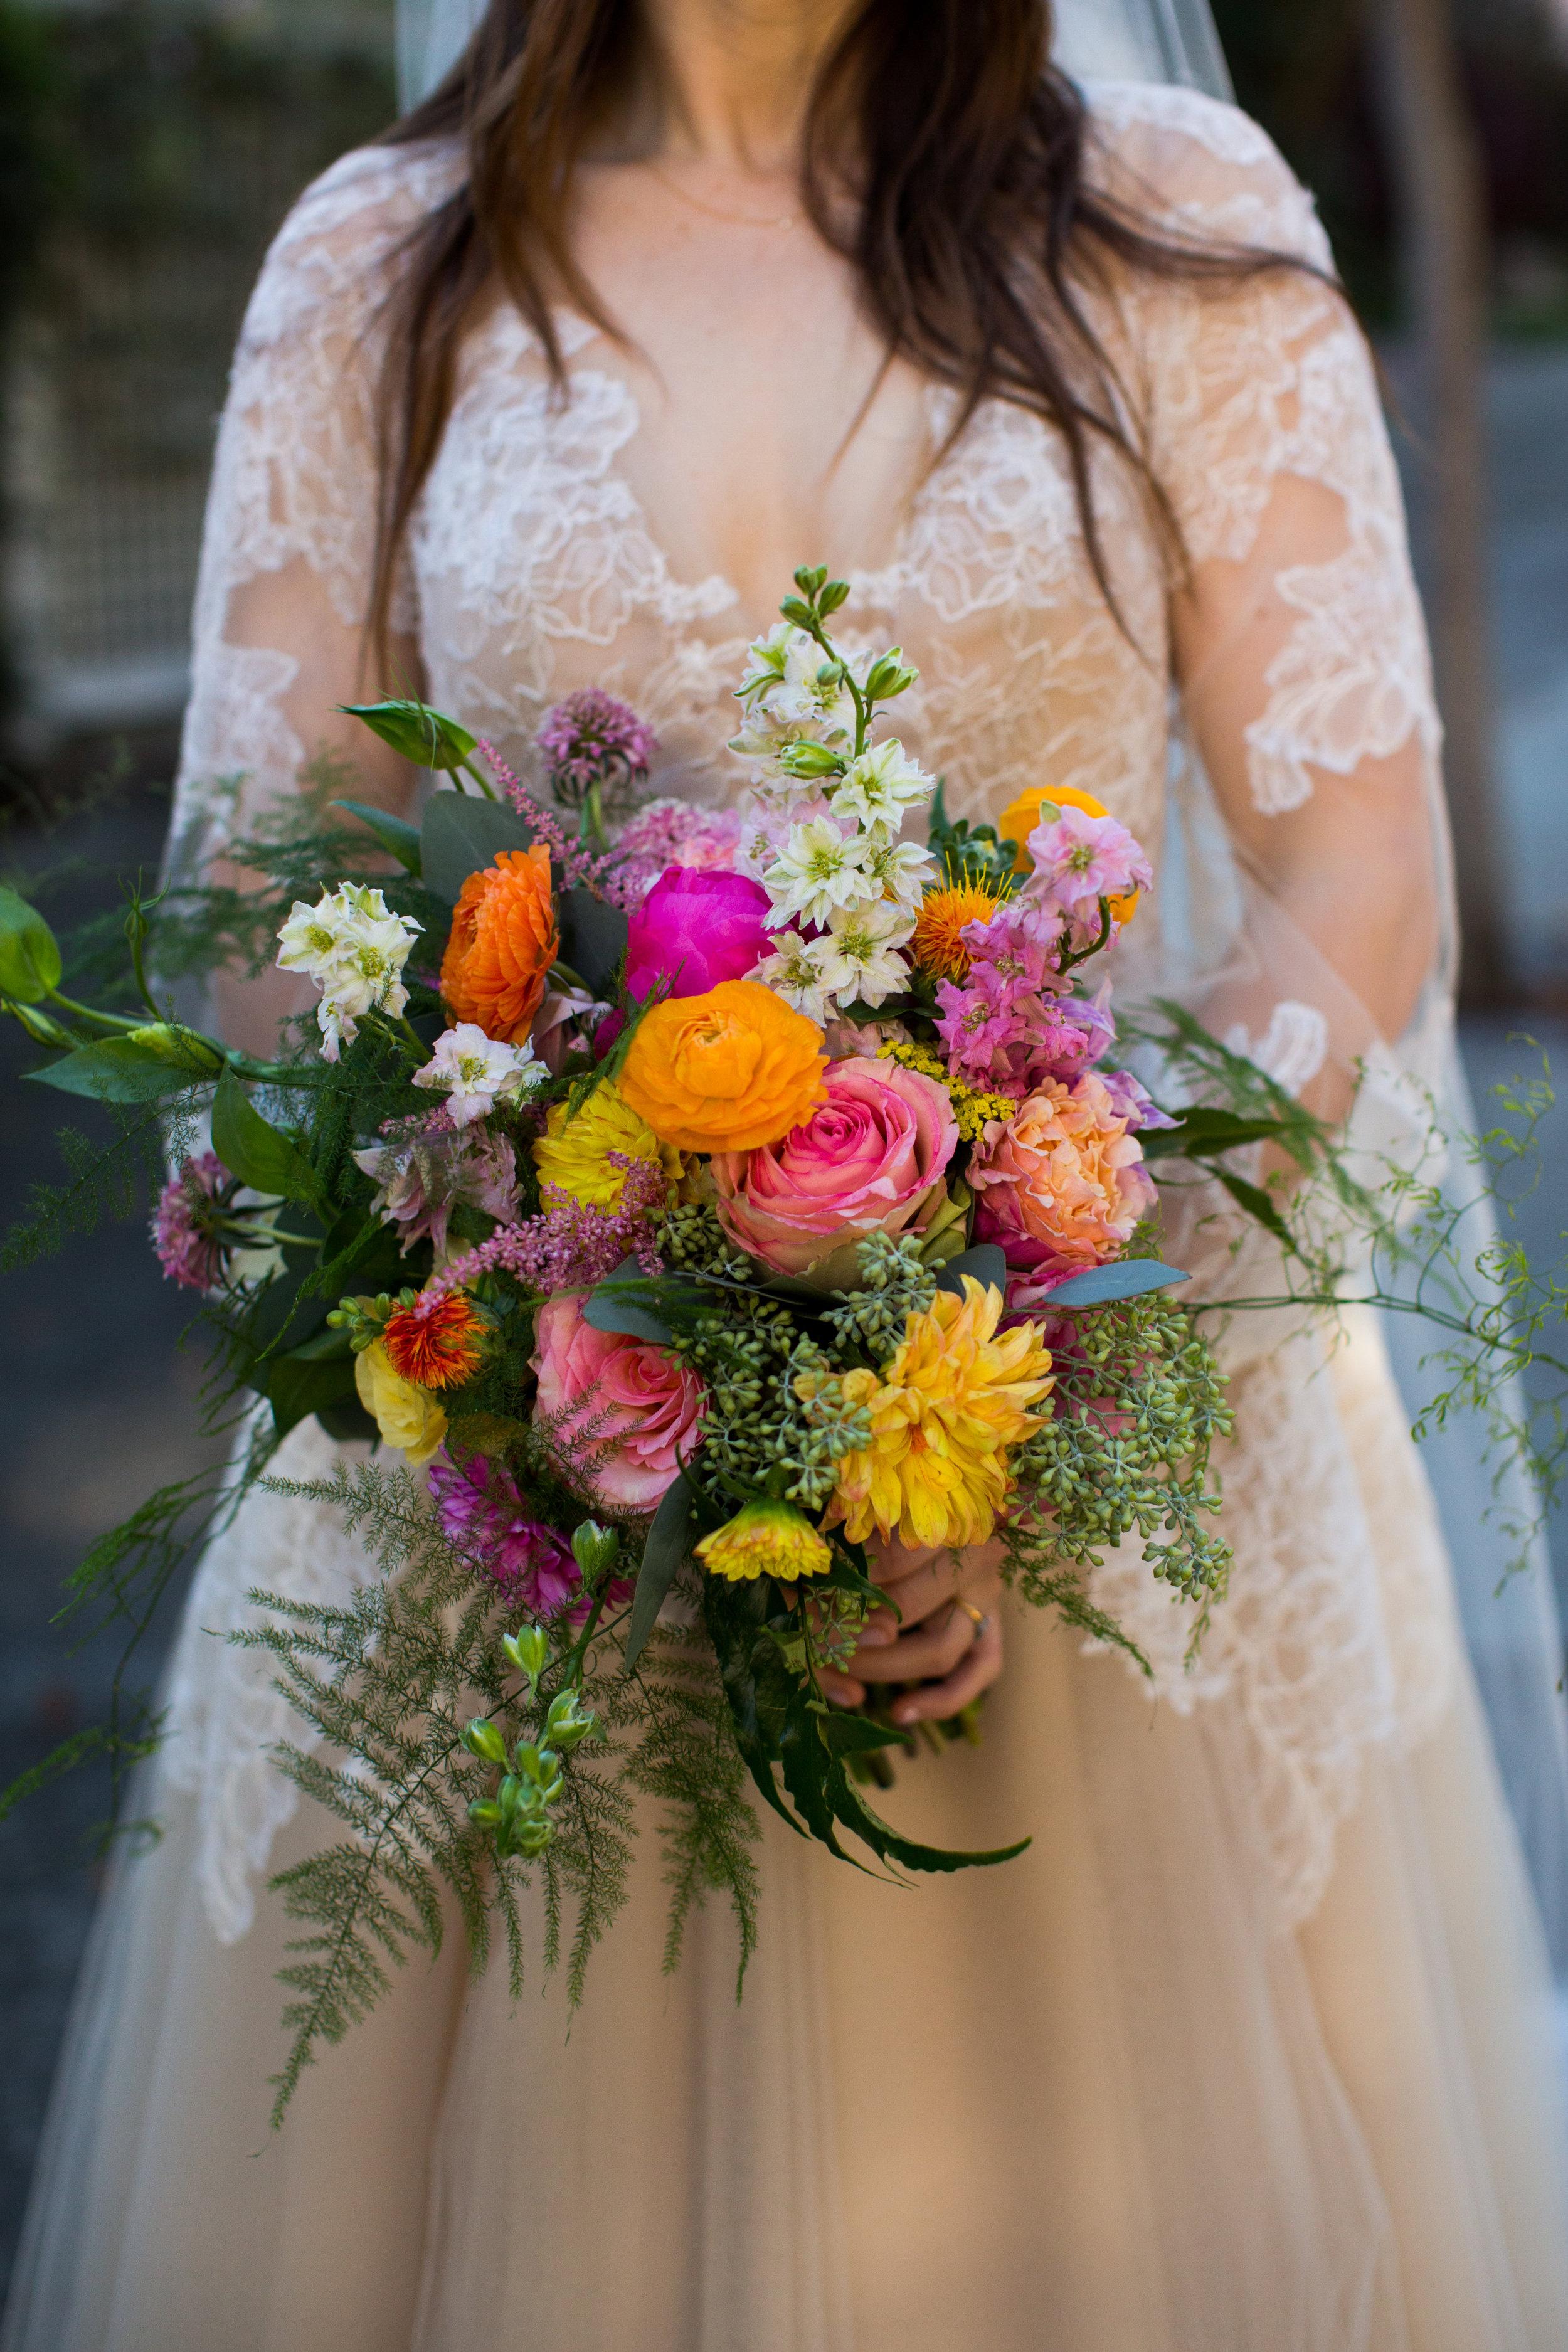 San Francisco Wedding Photographer - Family Photos-28.jpg